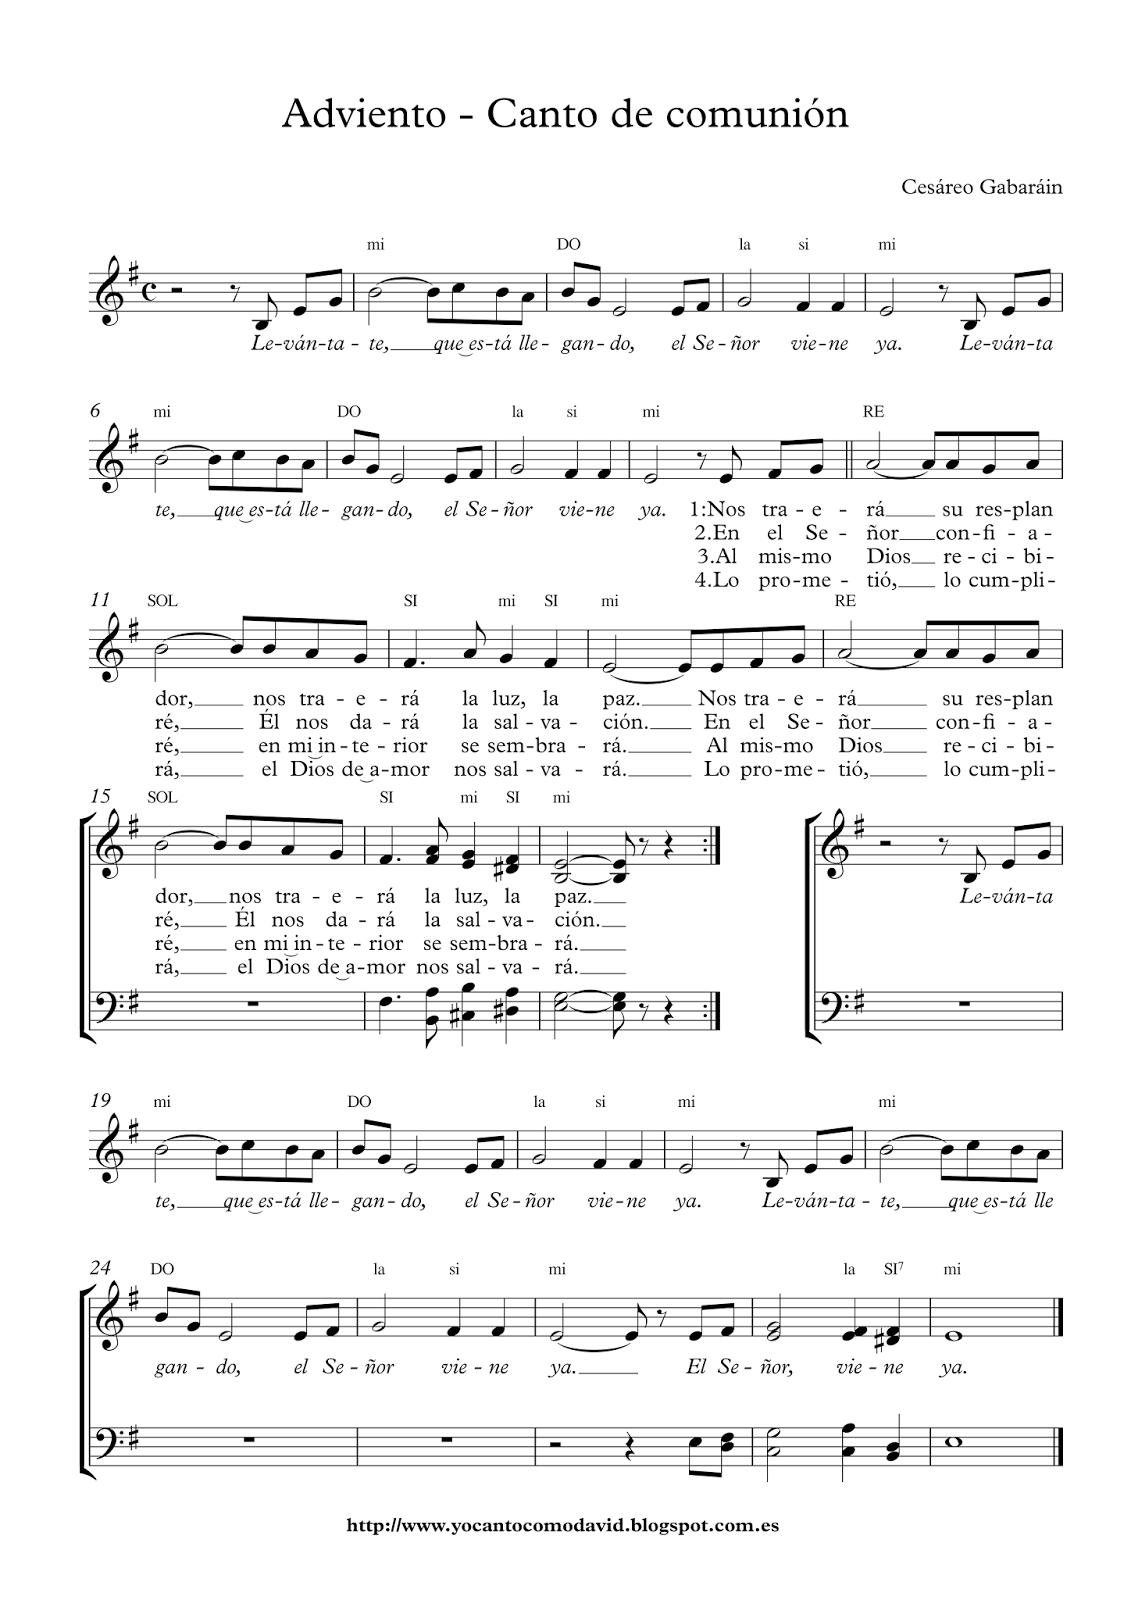 Adviento canto de comuni n yo canto como david for Tu jardin con enanitos acordes